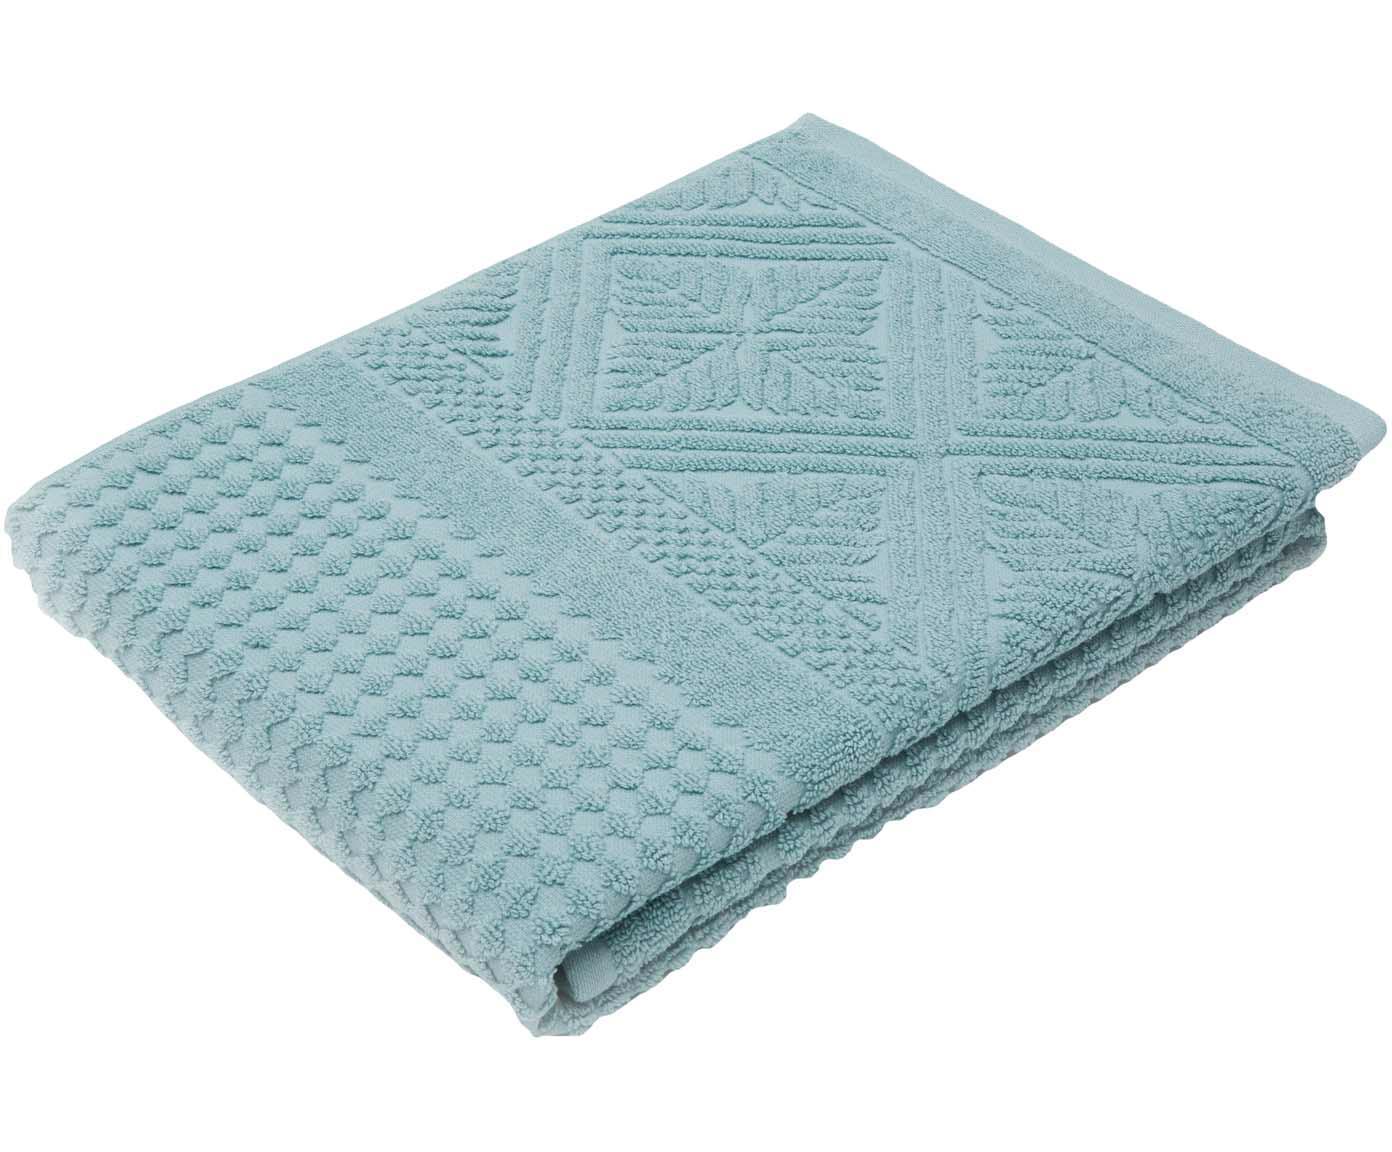 Handtuch Retro mit Hoch-Tief-Muster, Türkisblau, 50 x 100 cm